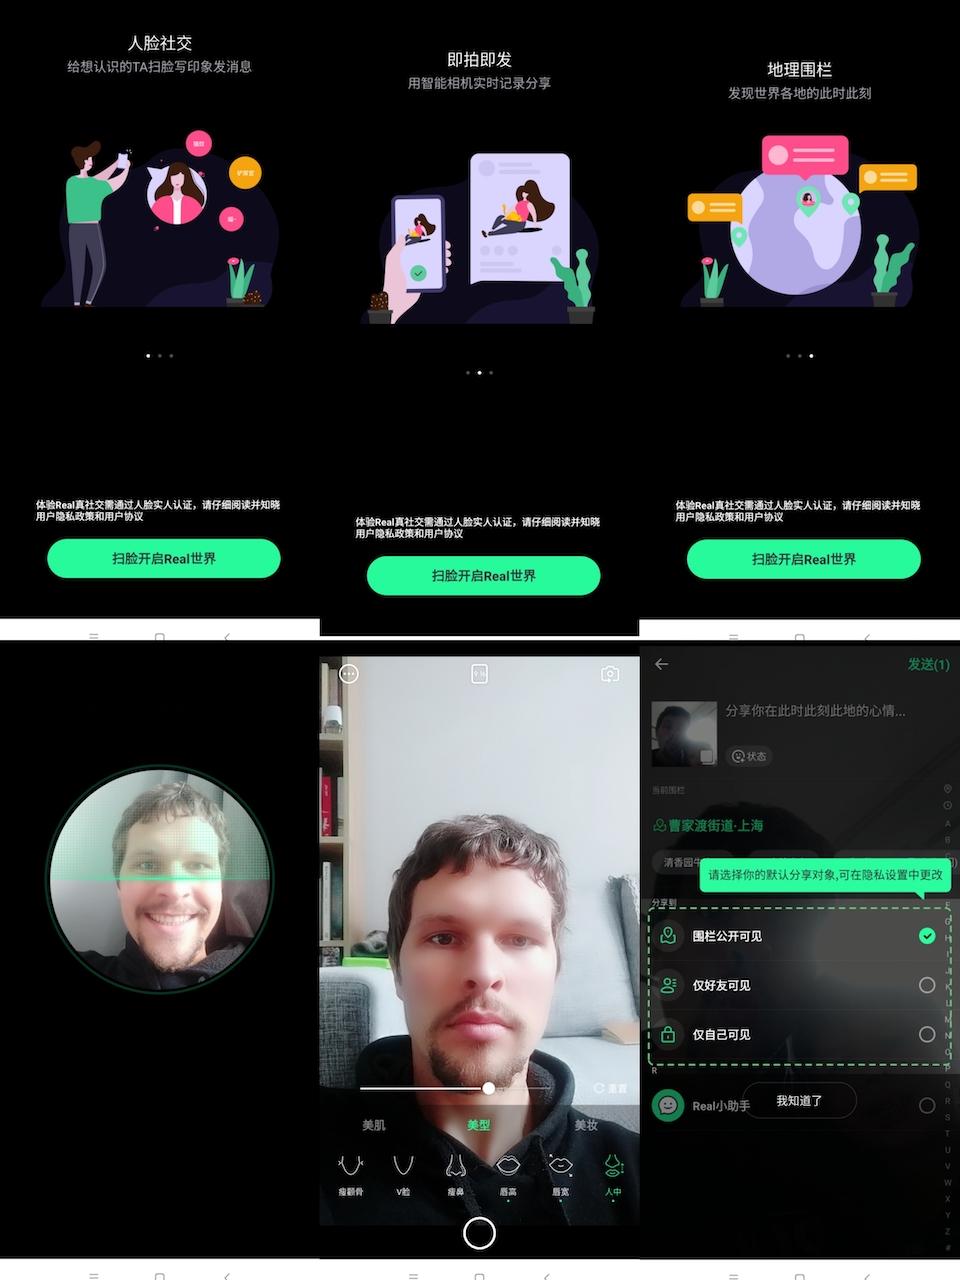 Скриншоты приложения Real (ruwo) от Alibaba